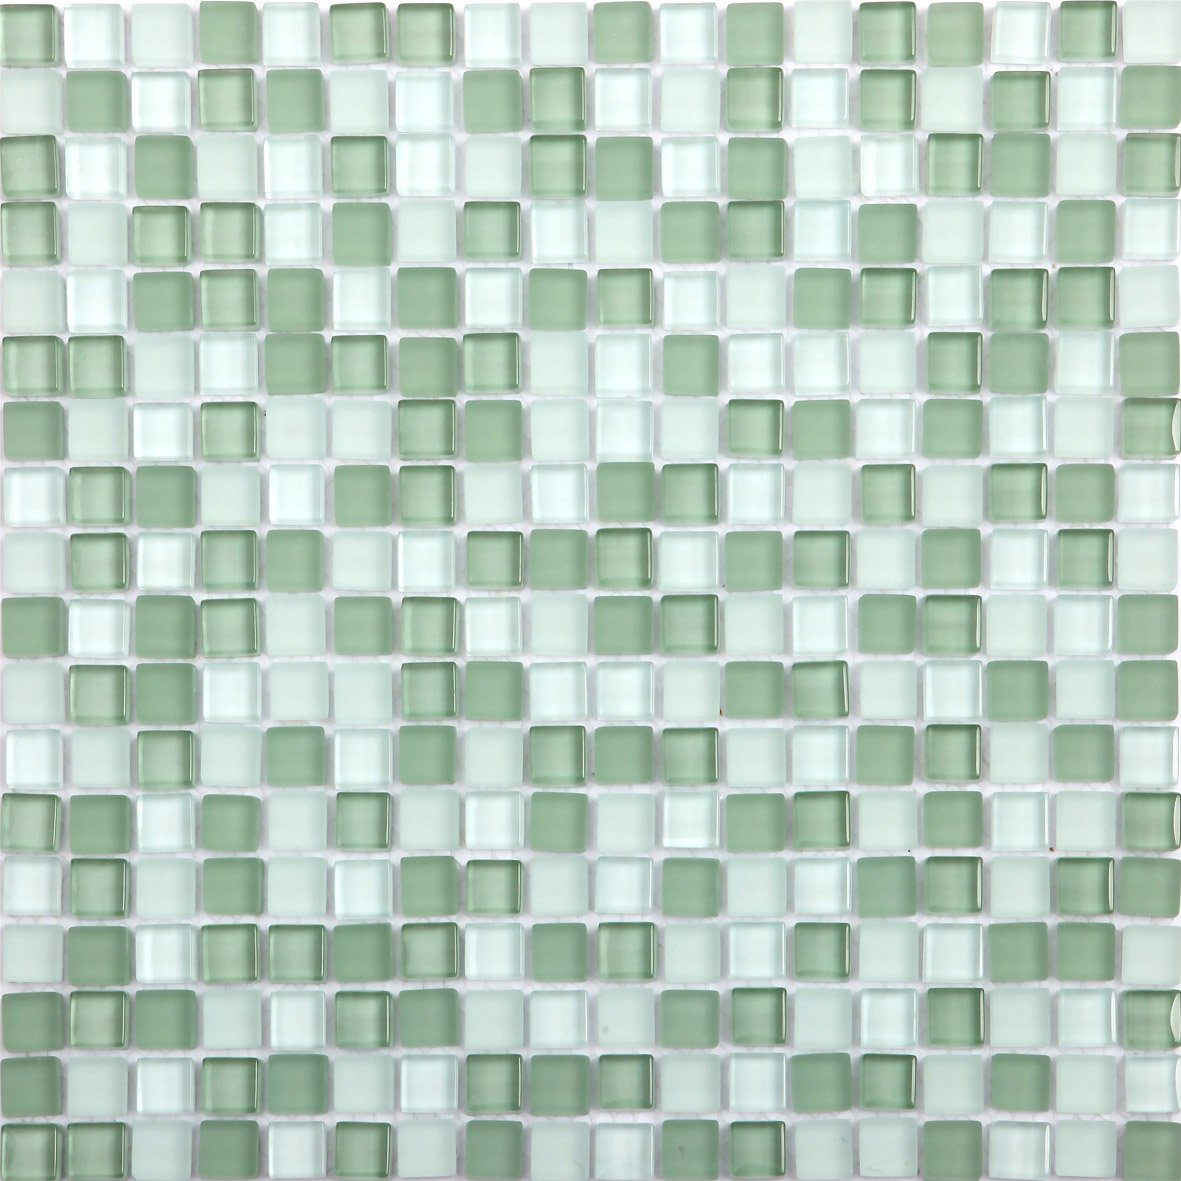 Mosaïque mur Glass vert   Leroy Merlin